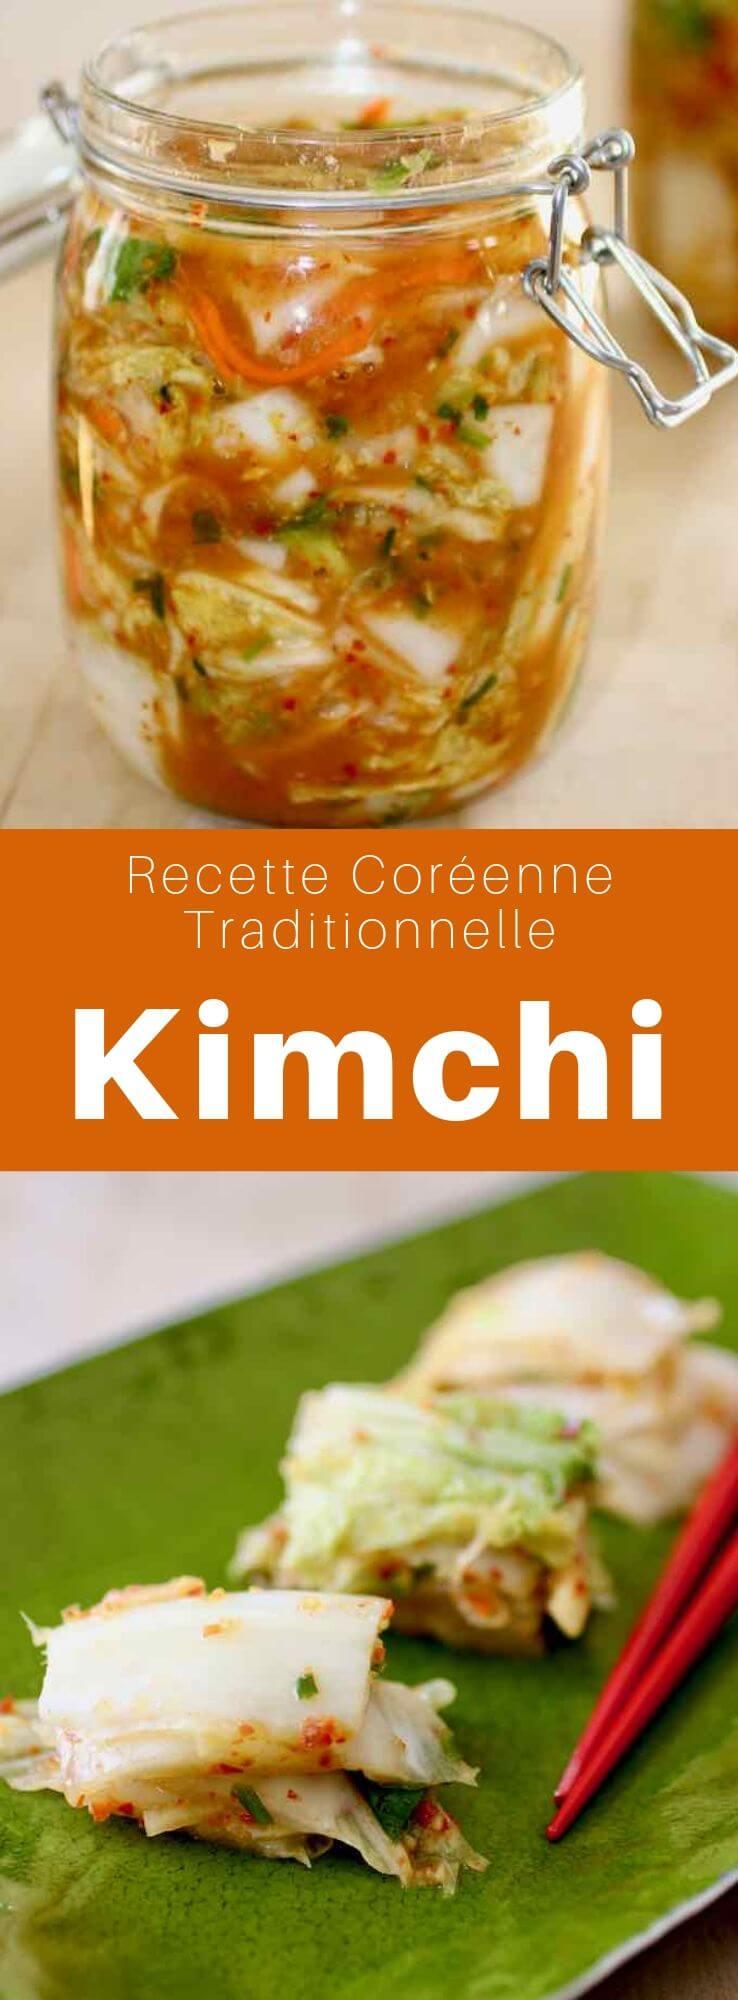 Le kimchi est un condiment traditionnel coréen, généralement composé de légumes salés et fermentés, comme le chou napa et le radis blanc. #Coree #CoreeDuSud #CoreeDuNord #CuisineDuMonde #196flavors